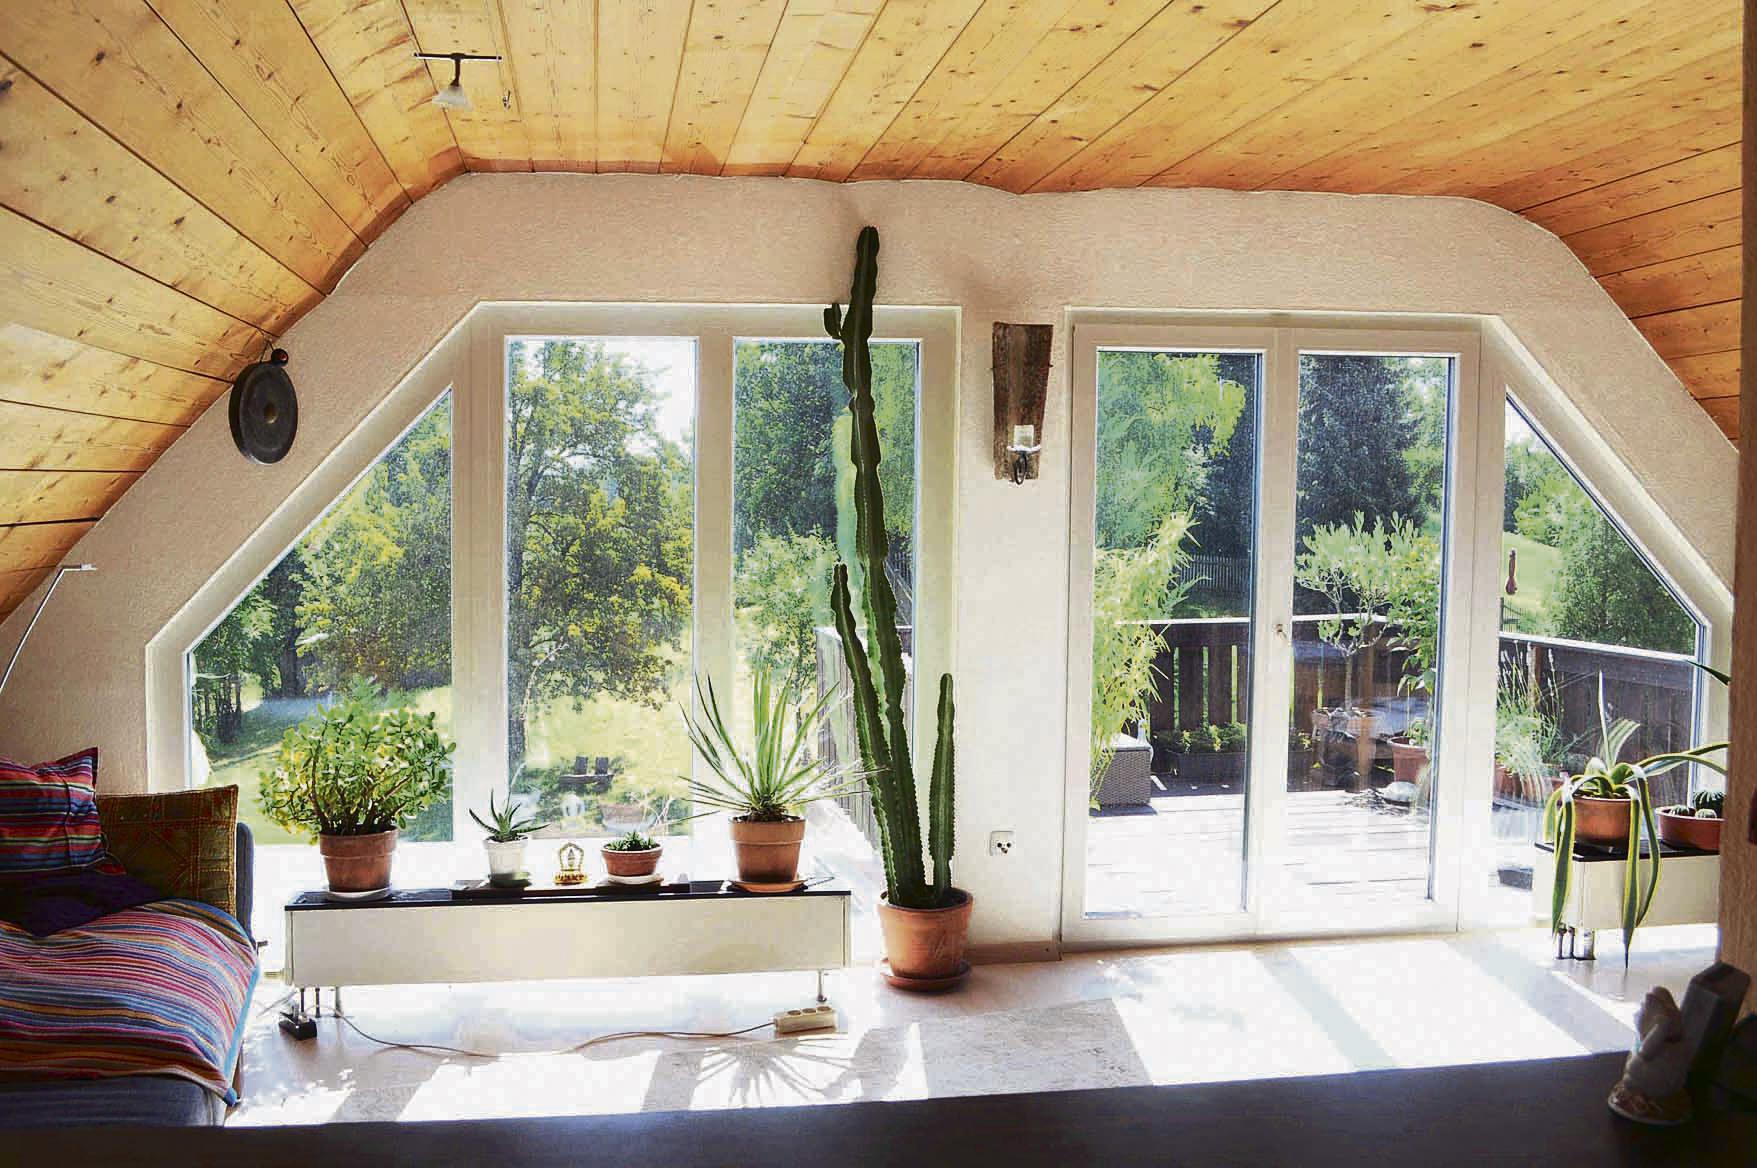 fenstergestaltung mit pers nlicher handschrift. Black Bedroom Furniture Sets. Home Design Ideas